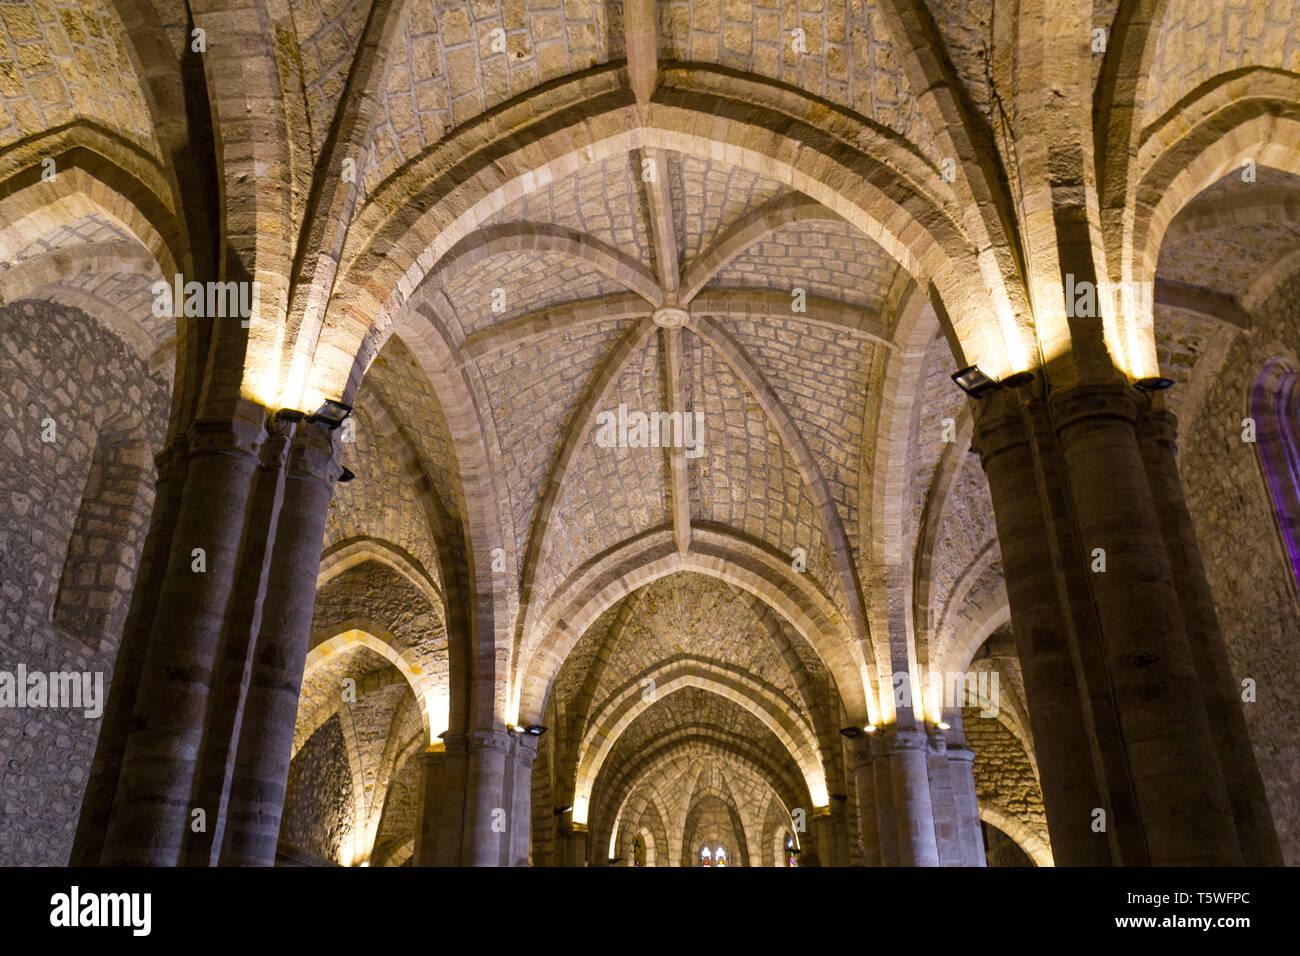 Monasterio de Santo Toribio de Liébana - Stock Image